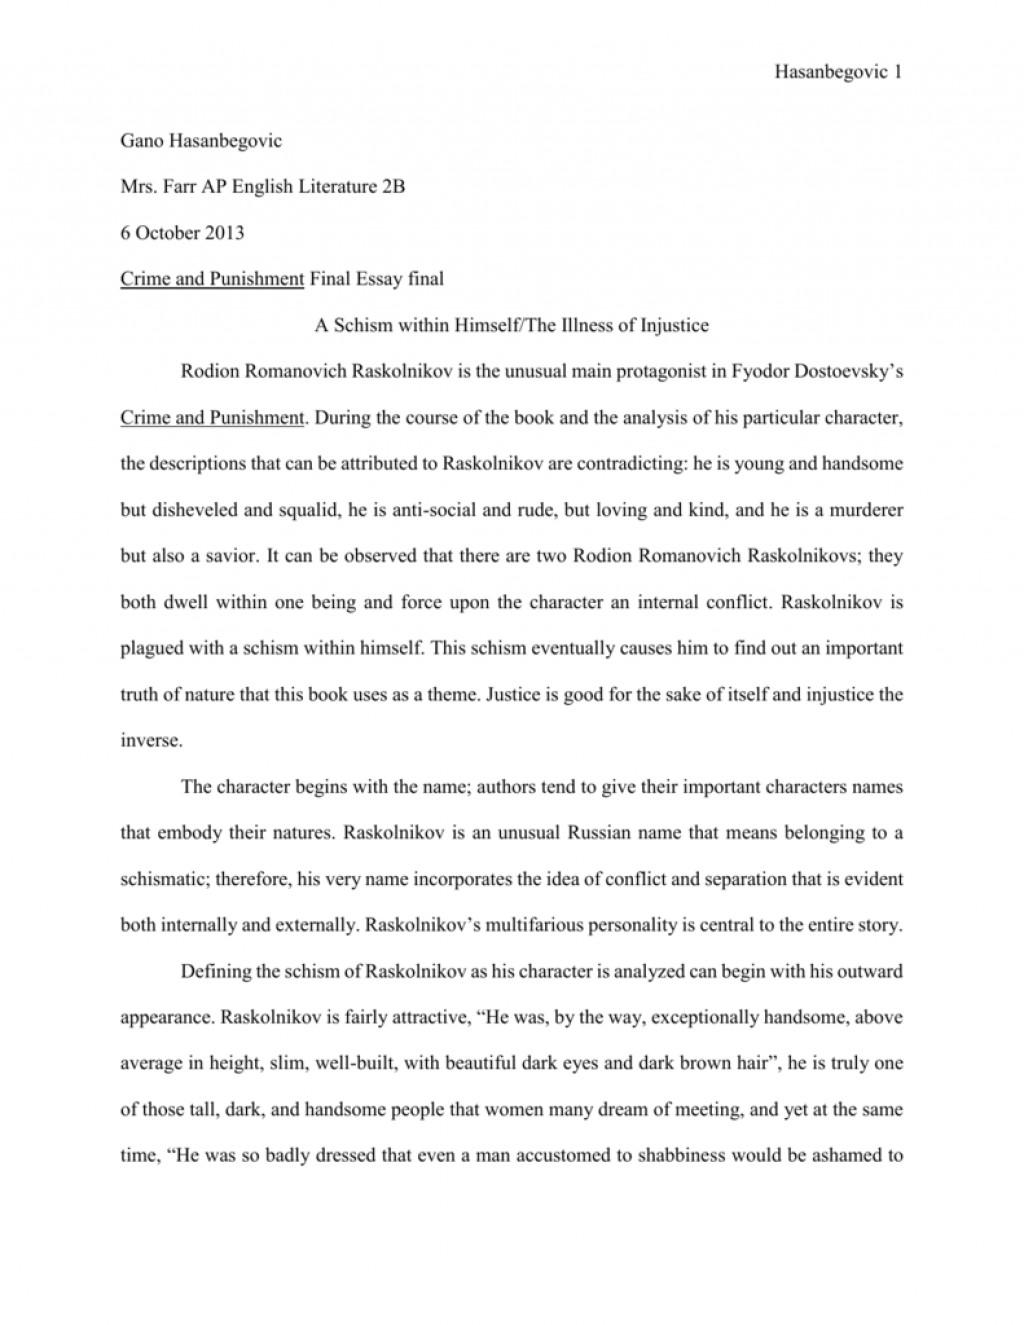 010 Essay Example 006697222 1 Crime And Wondrous Punishment Outline Pdf Ielts Large